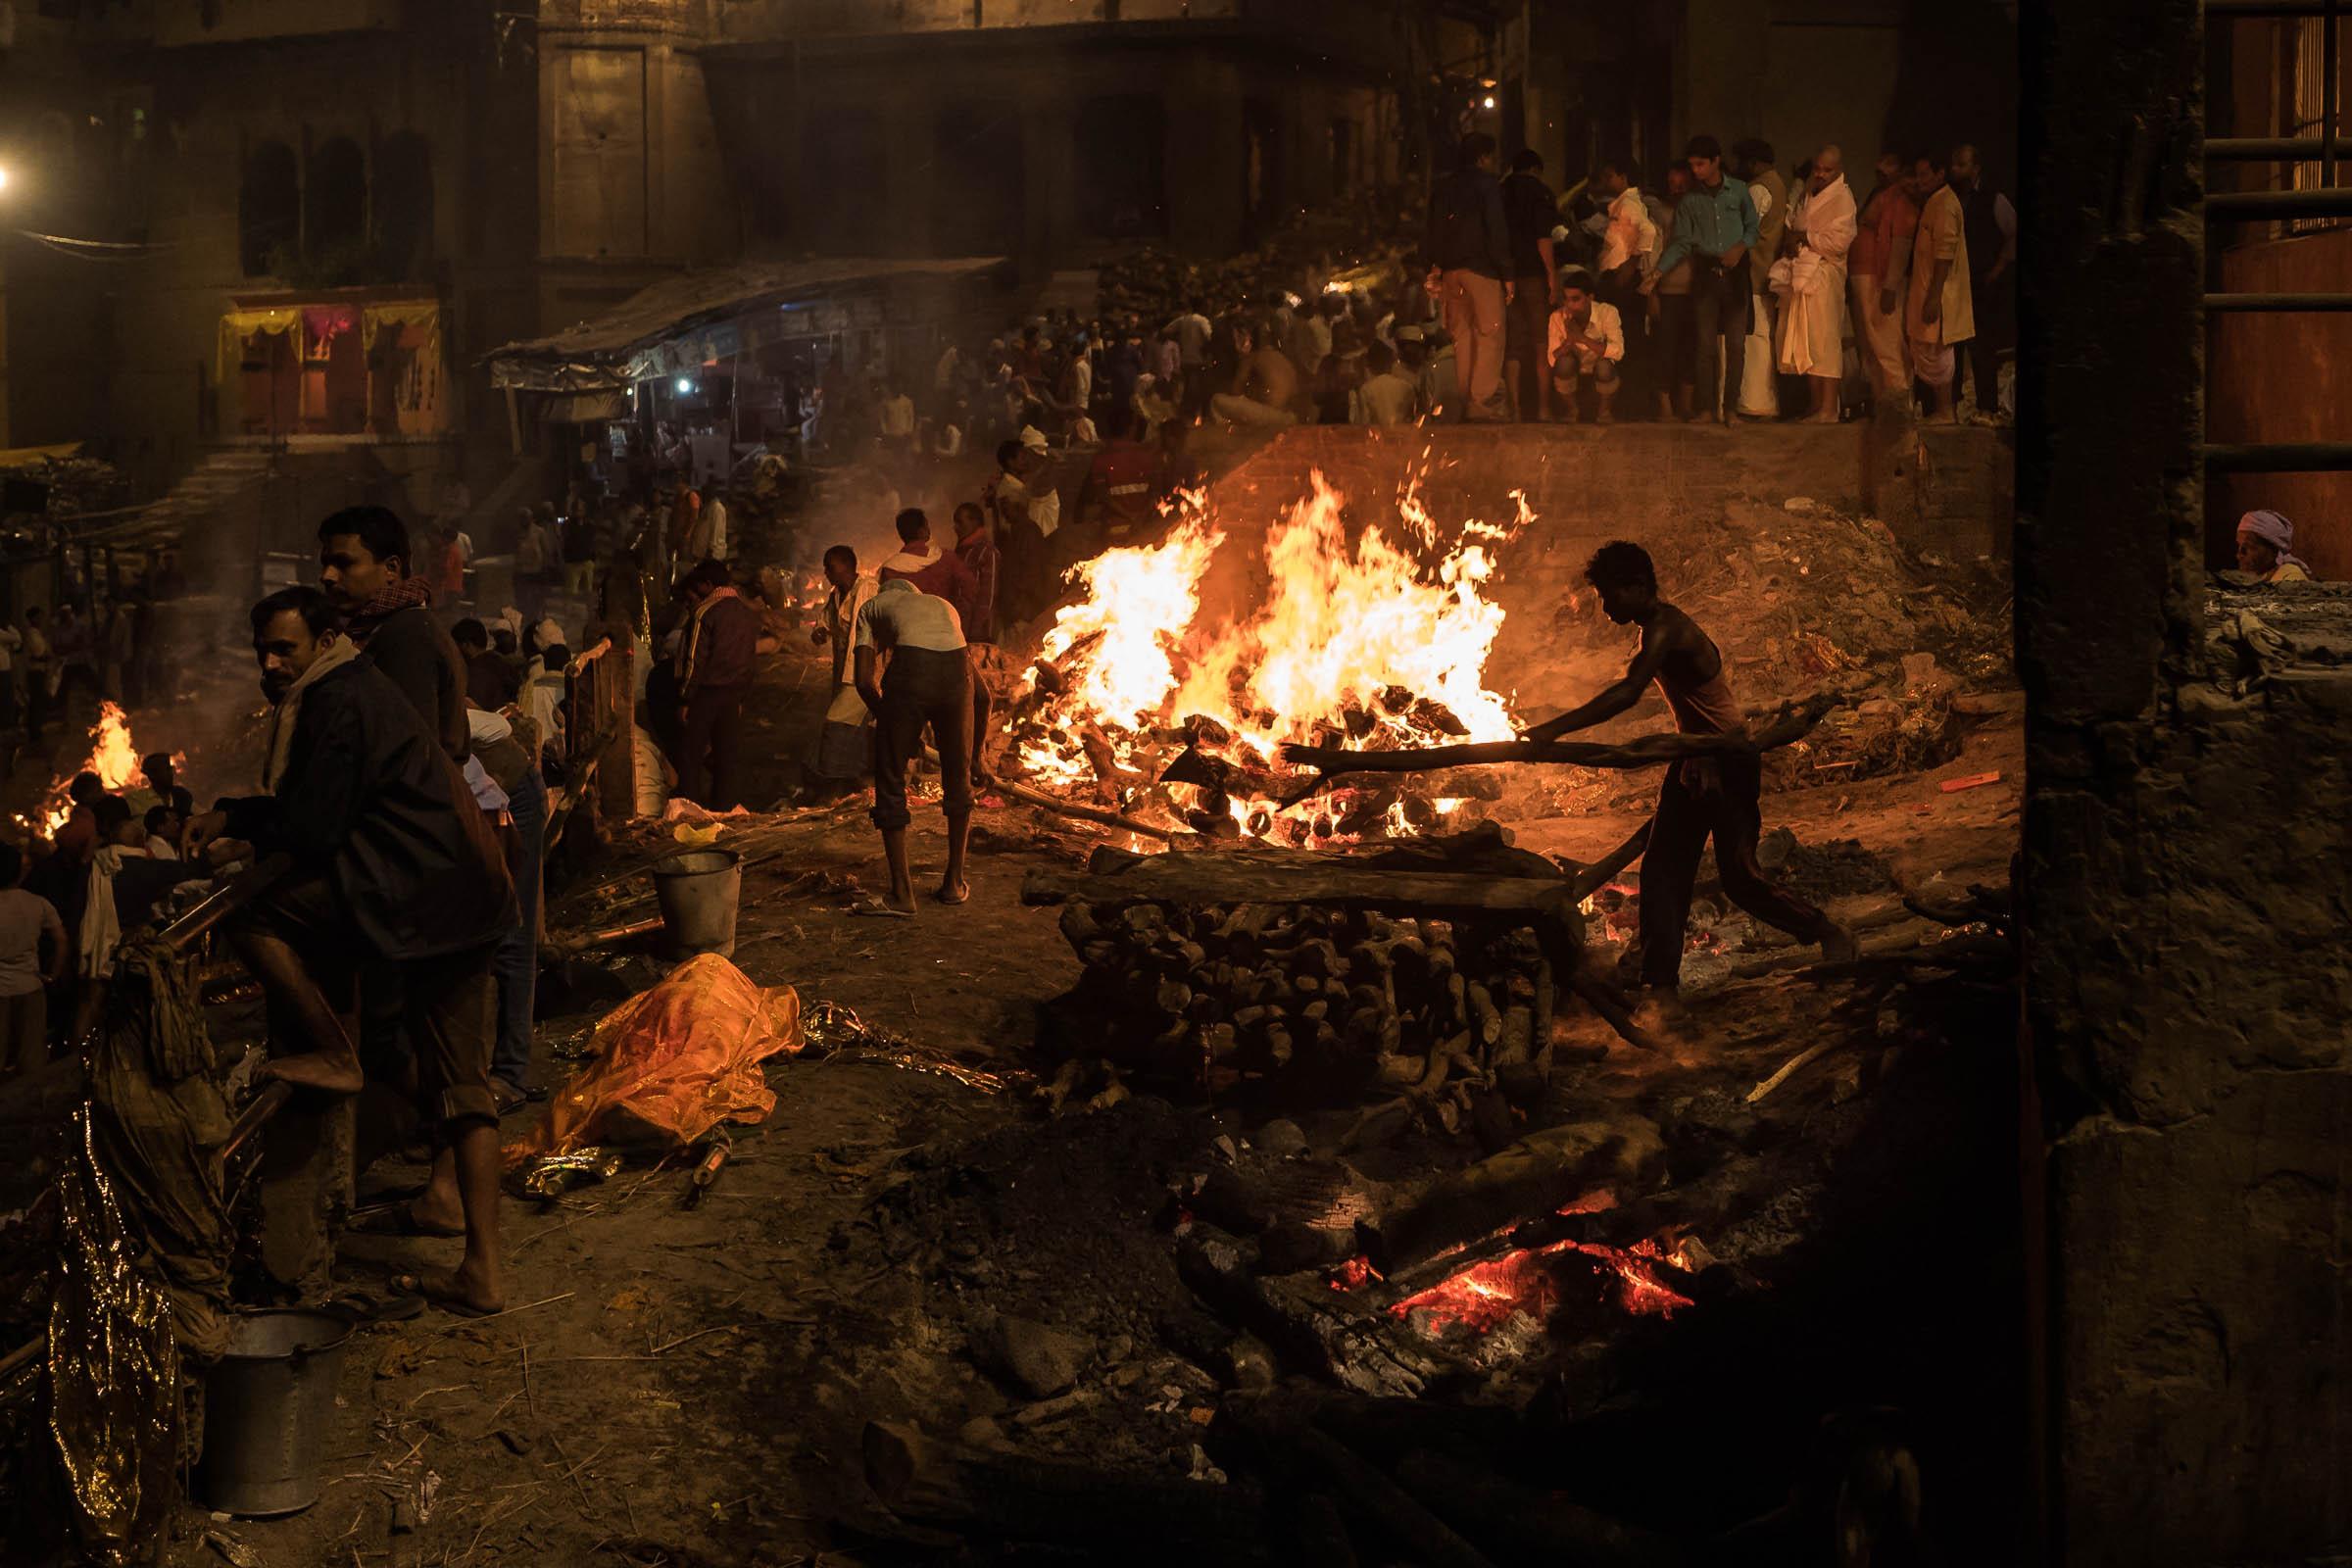 Manikarnika Burning ghat. Varanasi, India